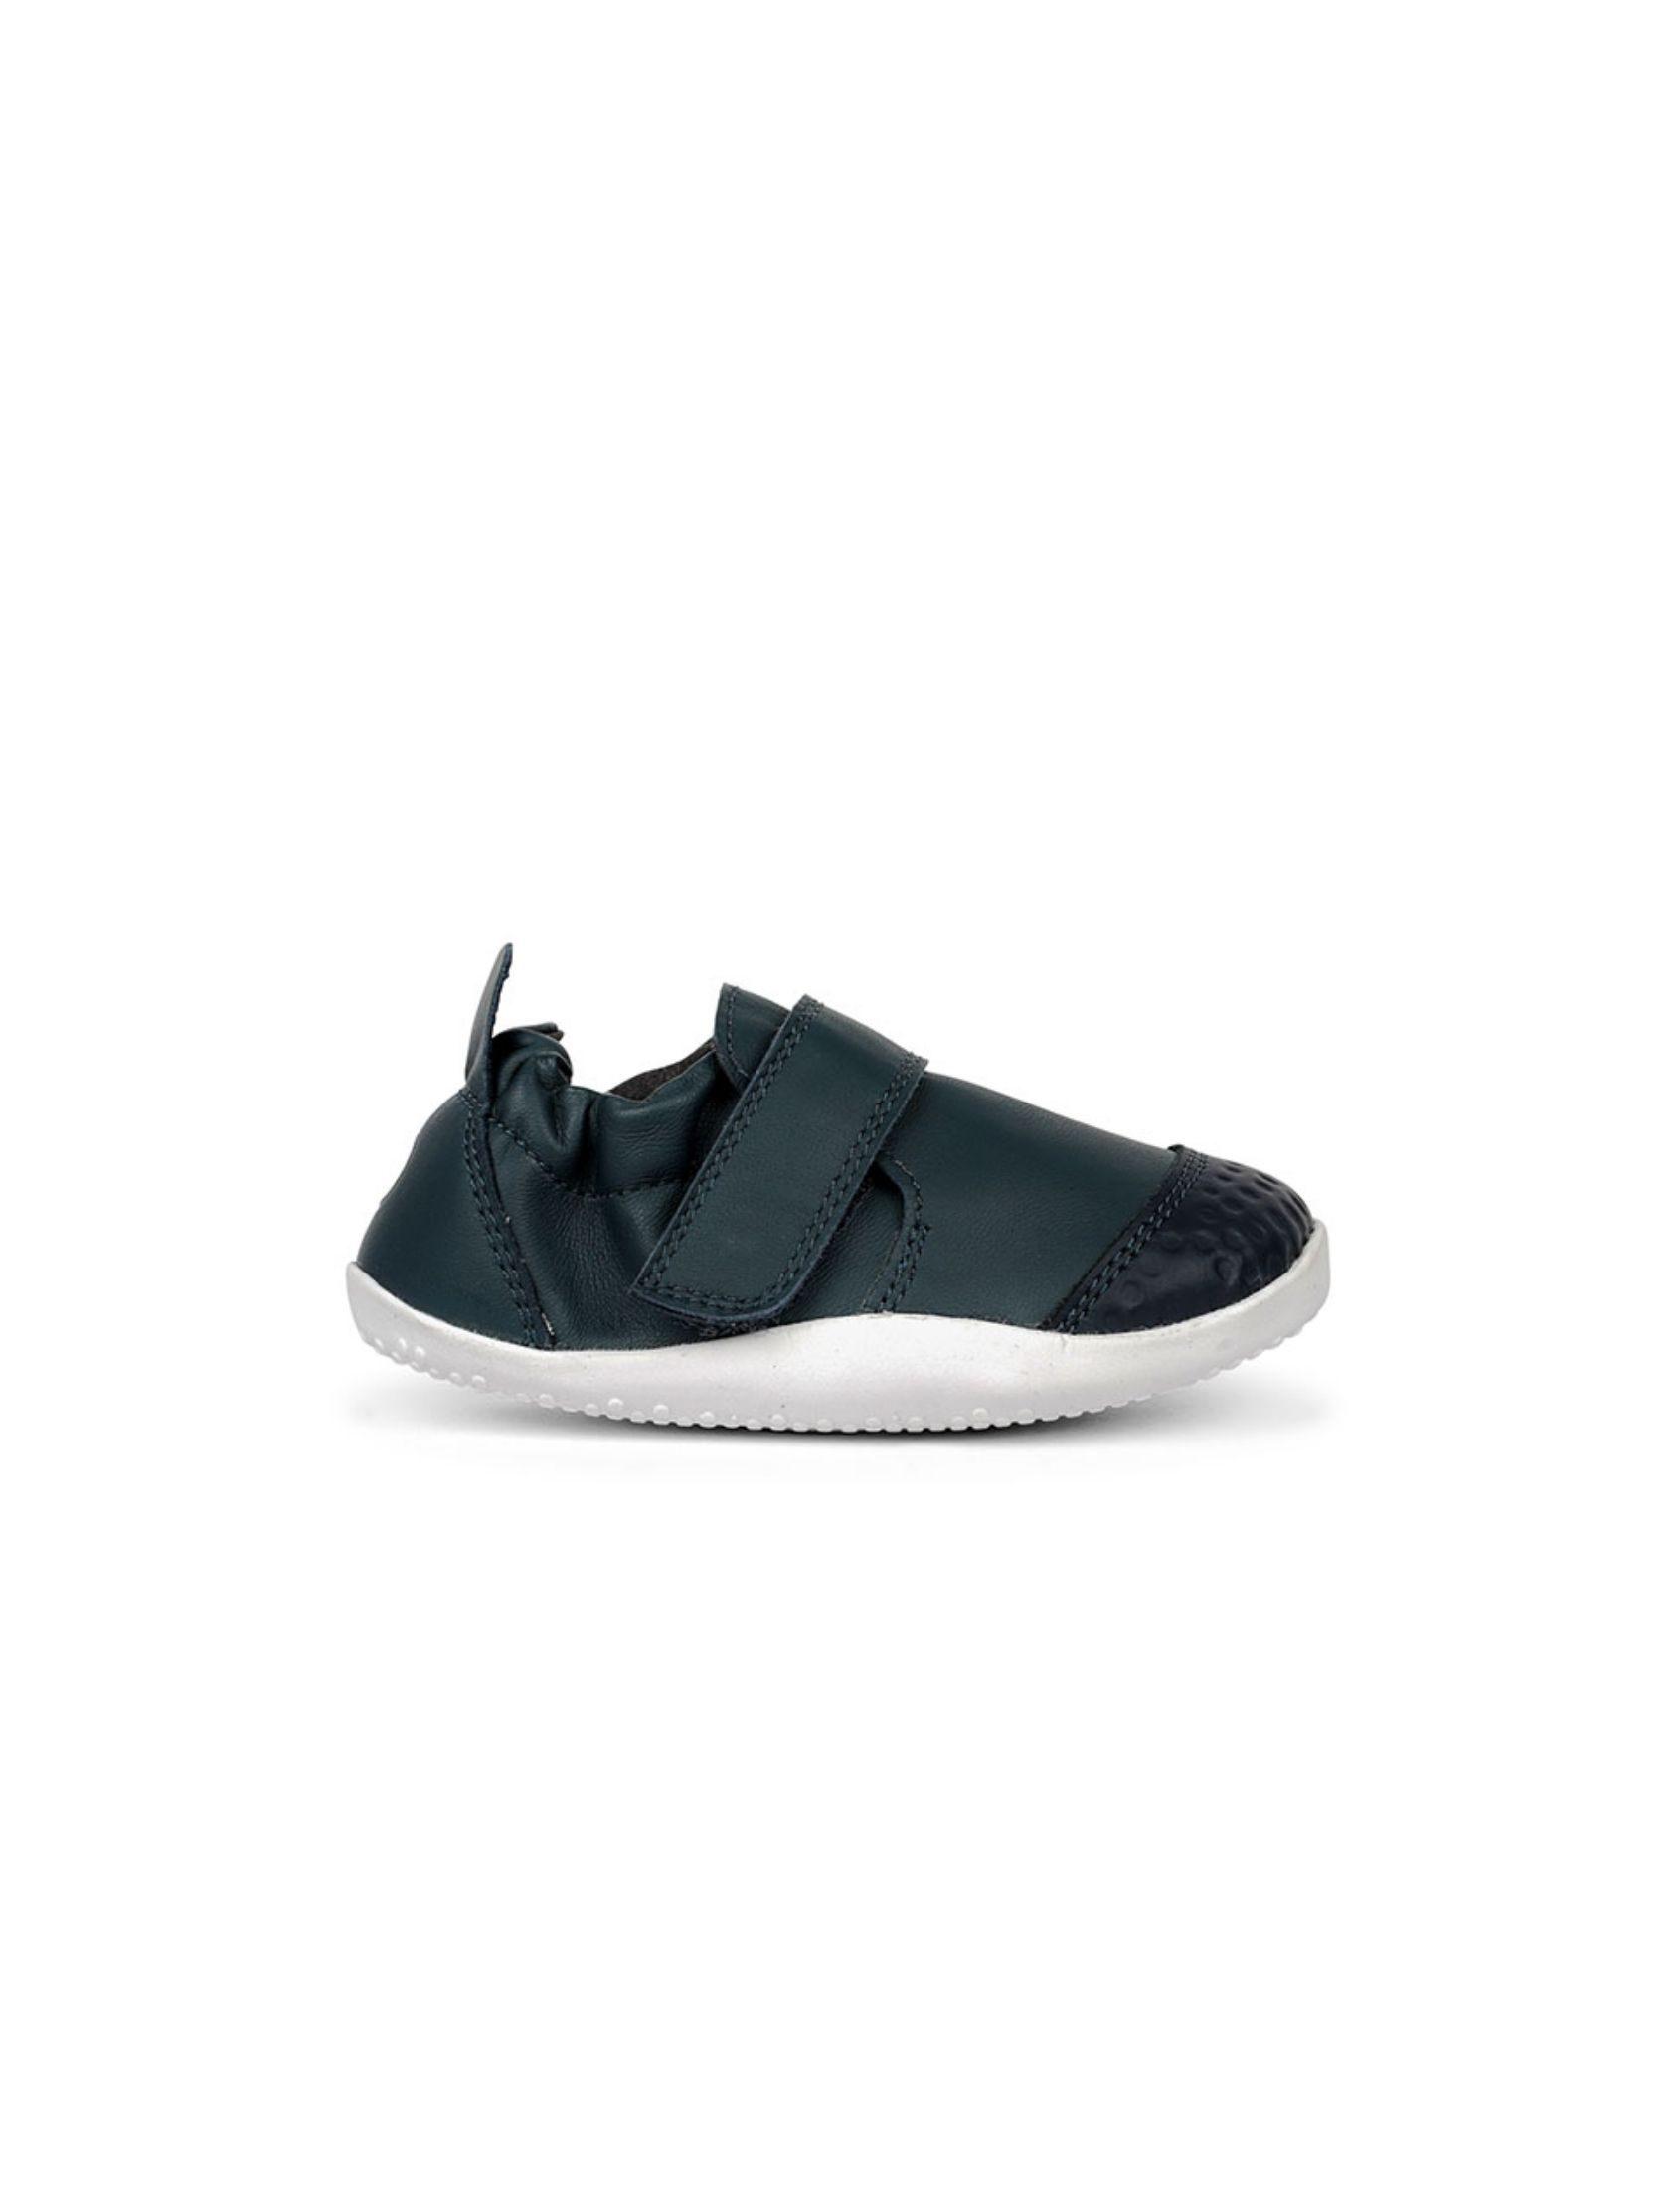 zapatilla de bebé xp trainer navy en color marino con suela blanca ideal para los primeros pasos